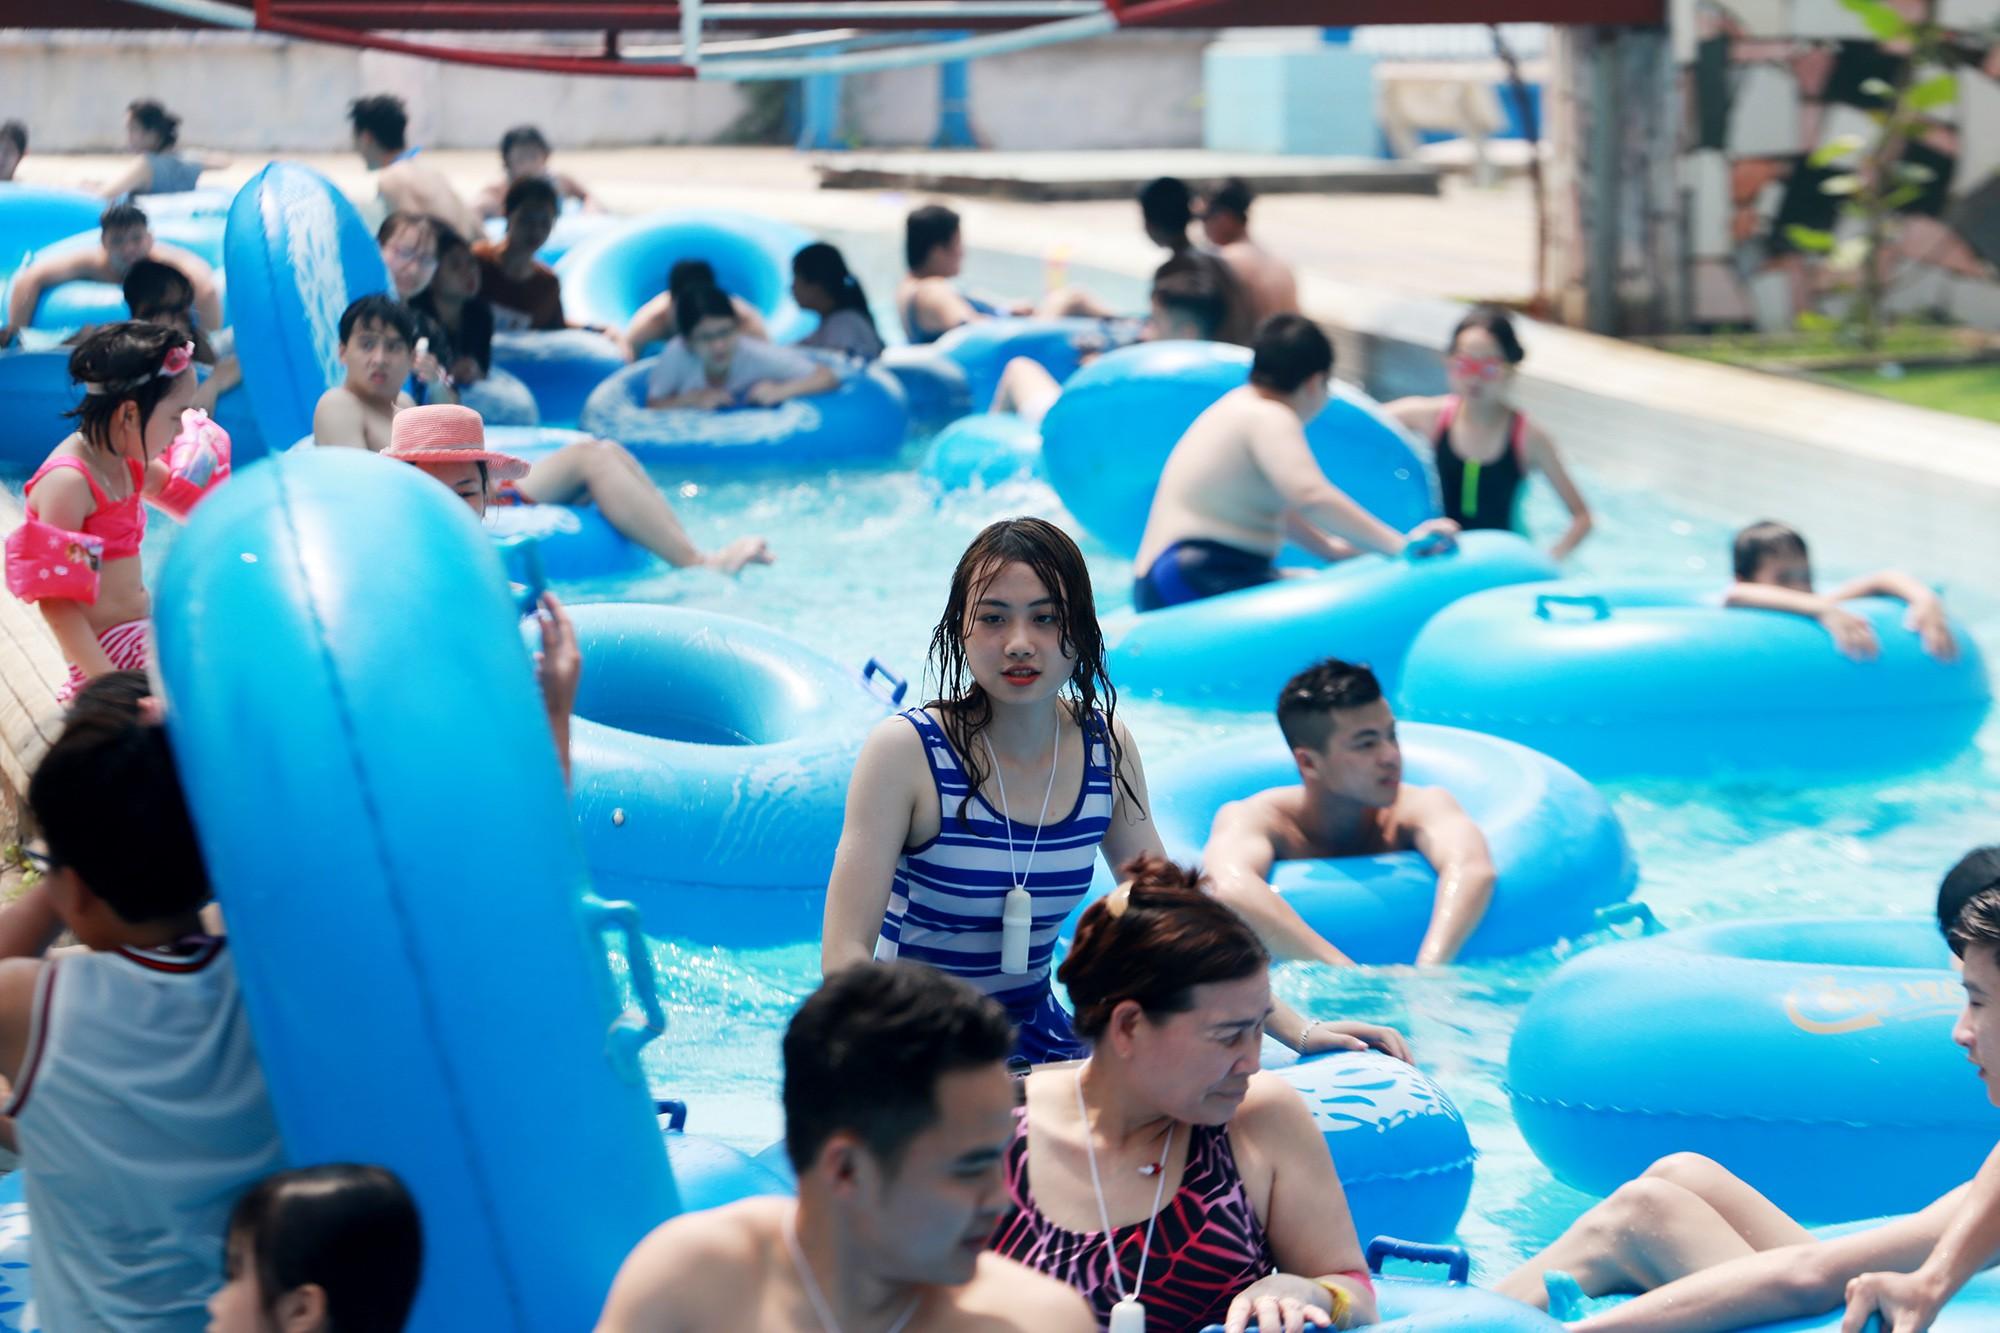 Hà Nội: Gần 1 vạn người đổ về công viên Hồ Tây ngày cuối tuần - Ảnh 12.